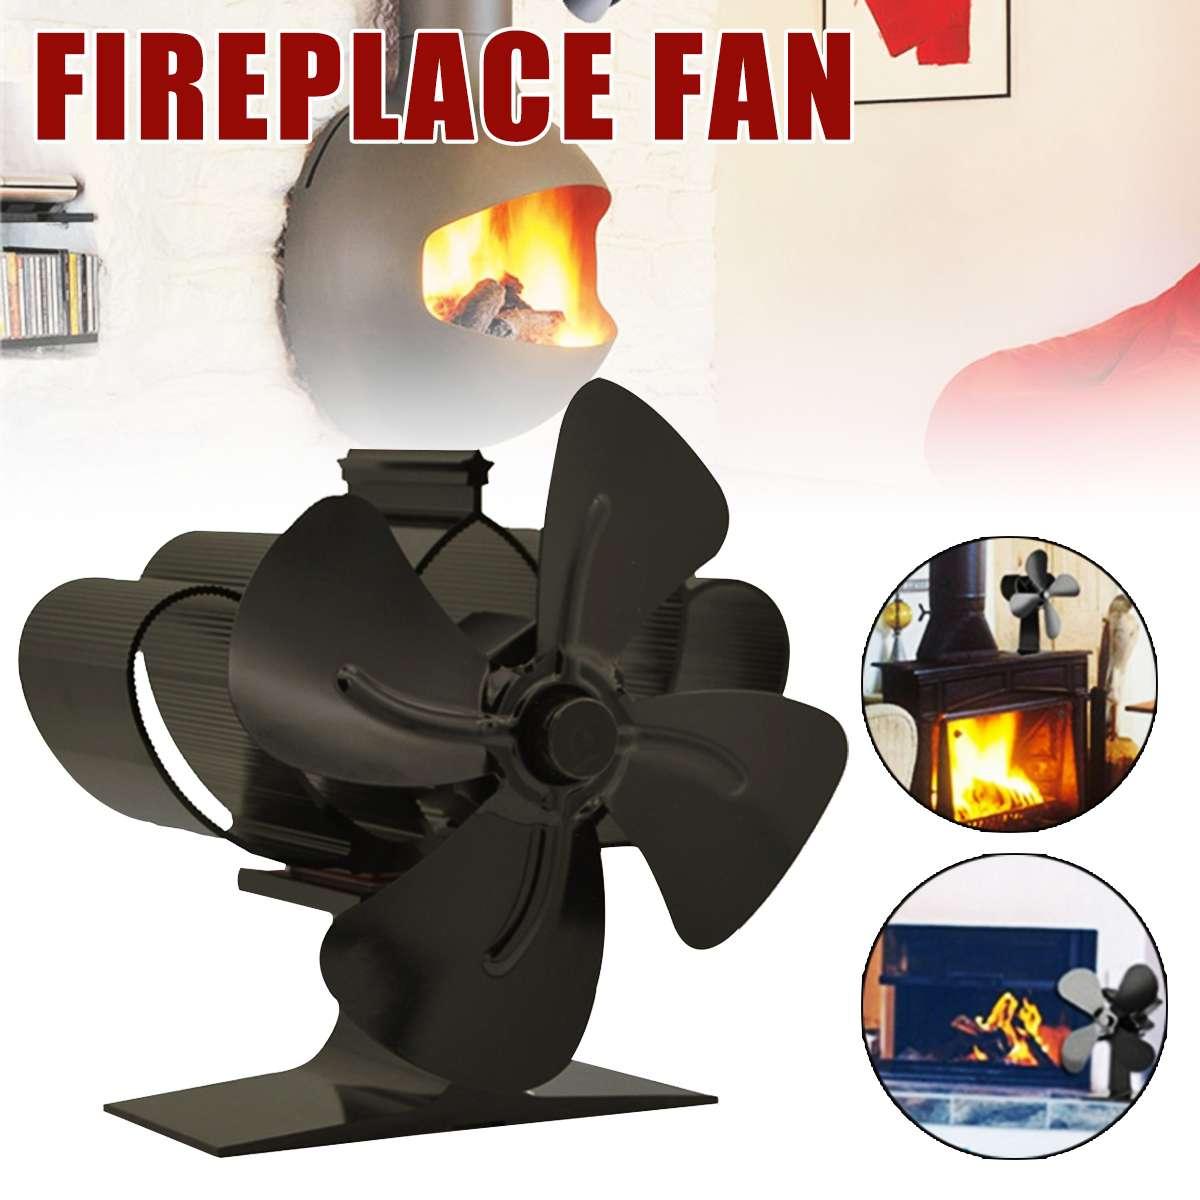 Black Stove Fan 4 Blade Fireplace Fan Heat Powered Wood Burner Eco-Friendly Fan Quiet Home Efficient Heat Distribution